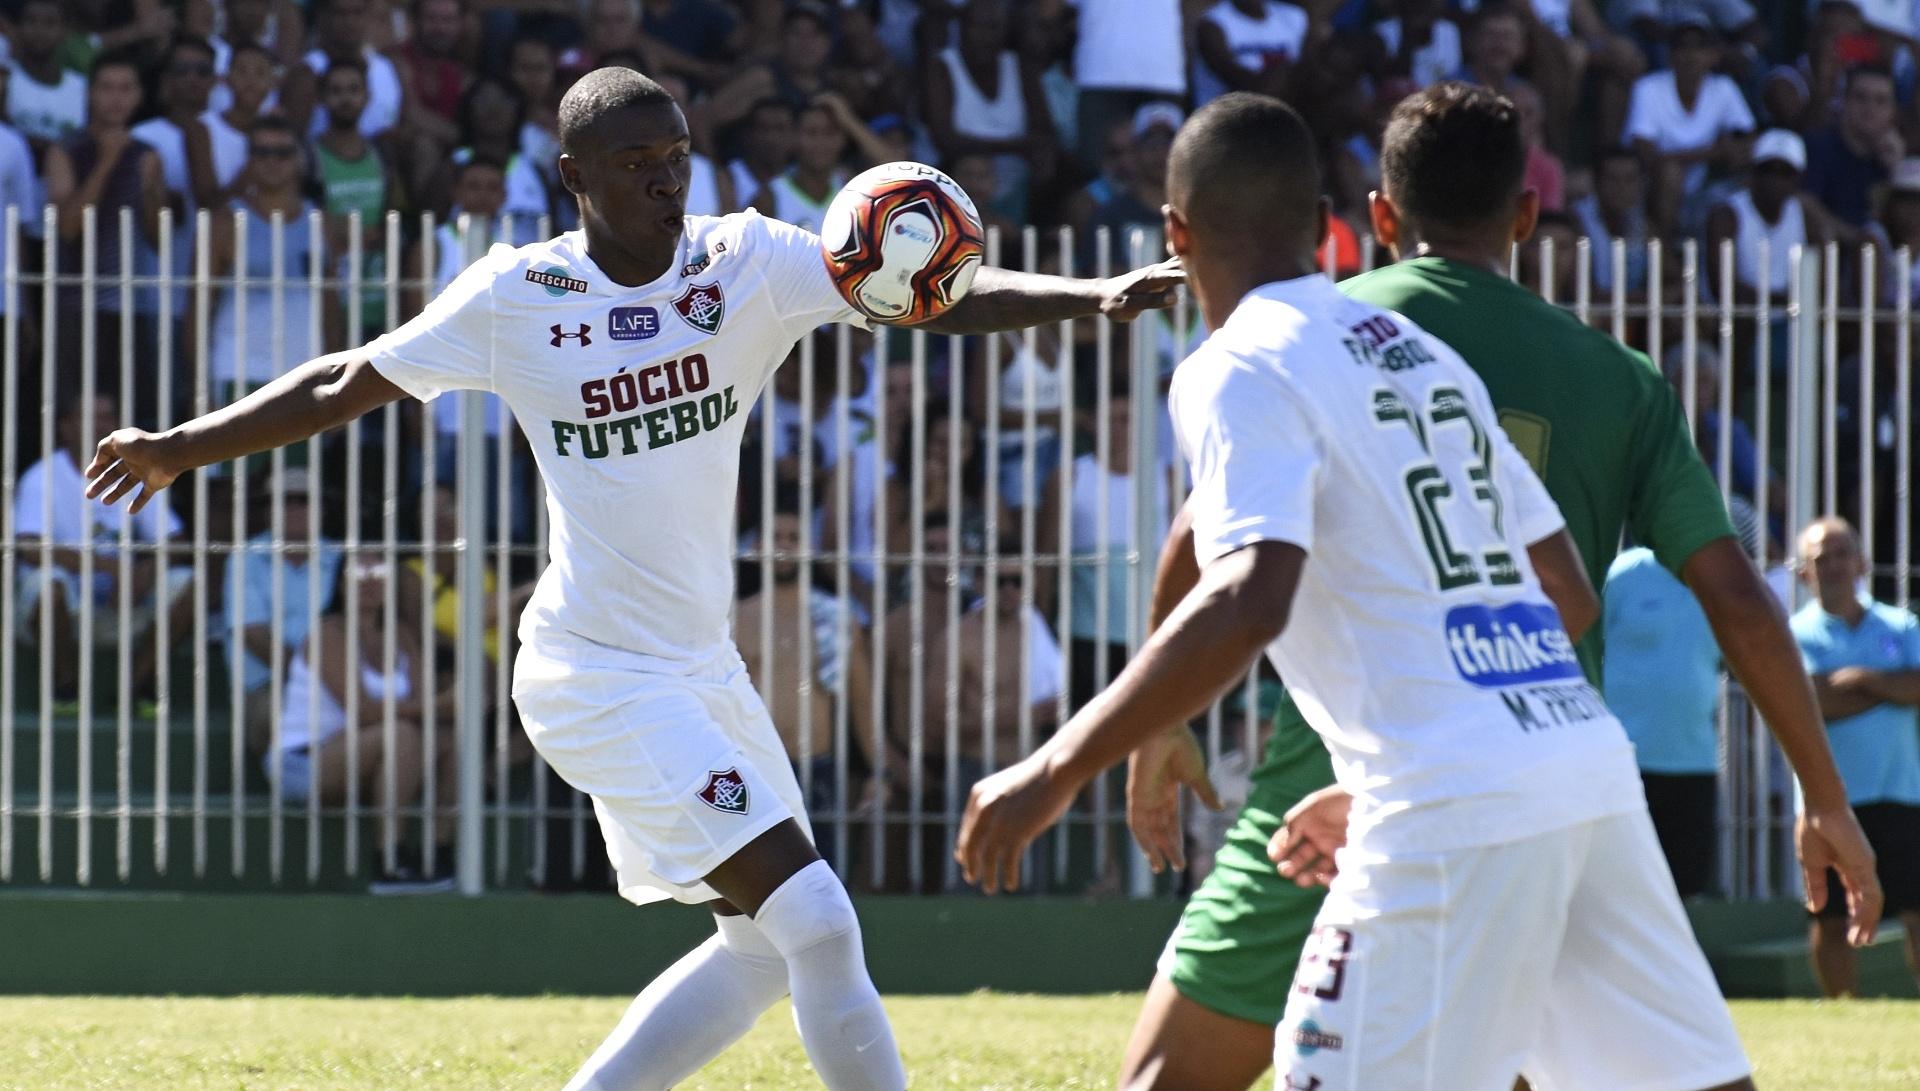 Boavista se aproveita de time cheio de novatos e bate Fluminense por 3 a 1  - 17 01 2018 - UOL Esporte 4bed36f3f48da